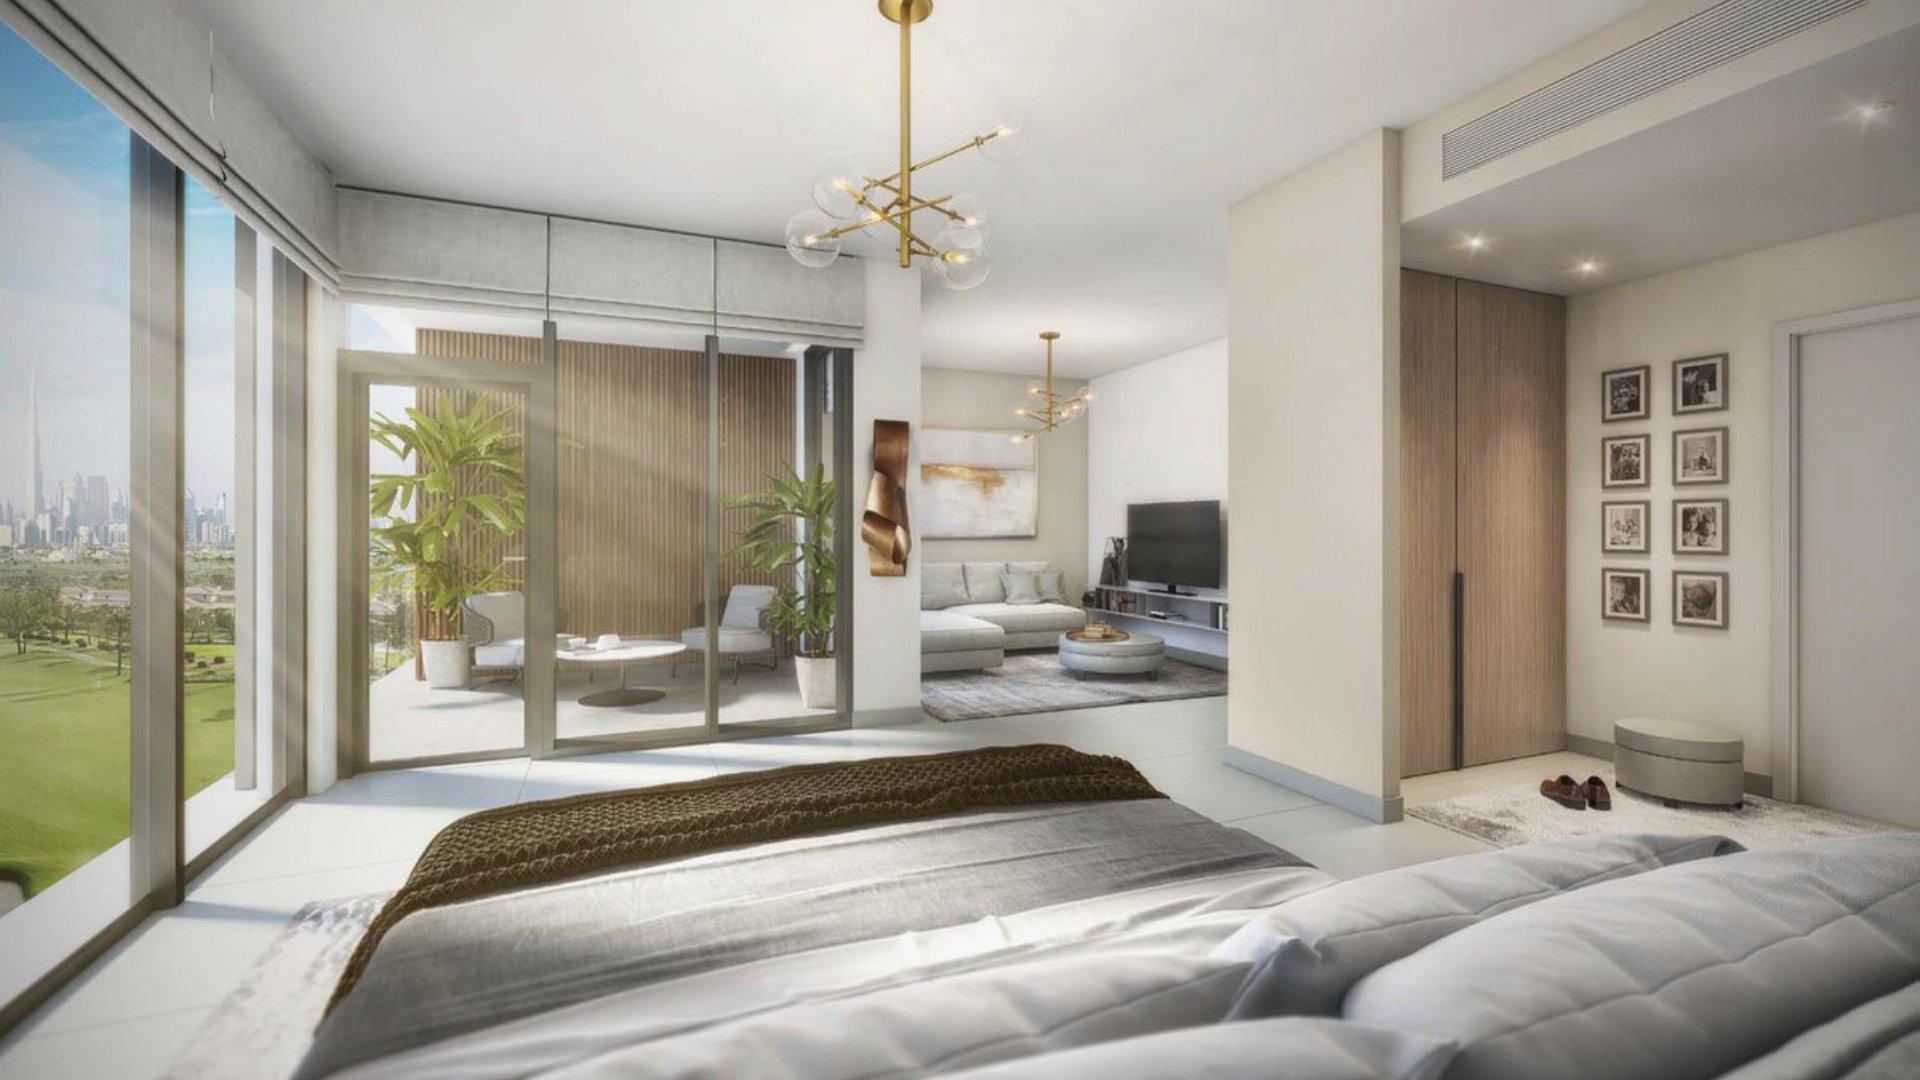 Villa en venta en Dubai, EAU, 4 dormitorios, 312 m2, № 24373 – foto 2